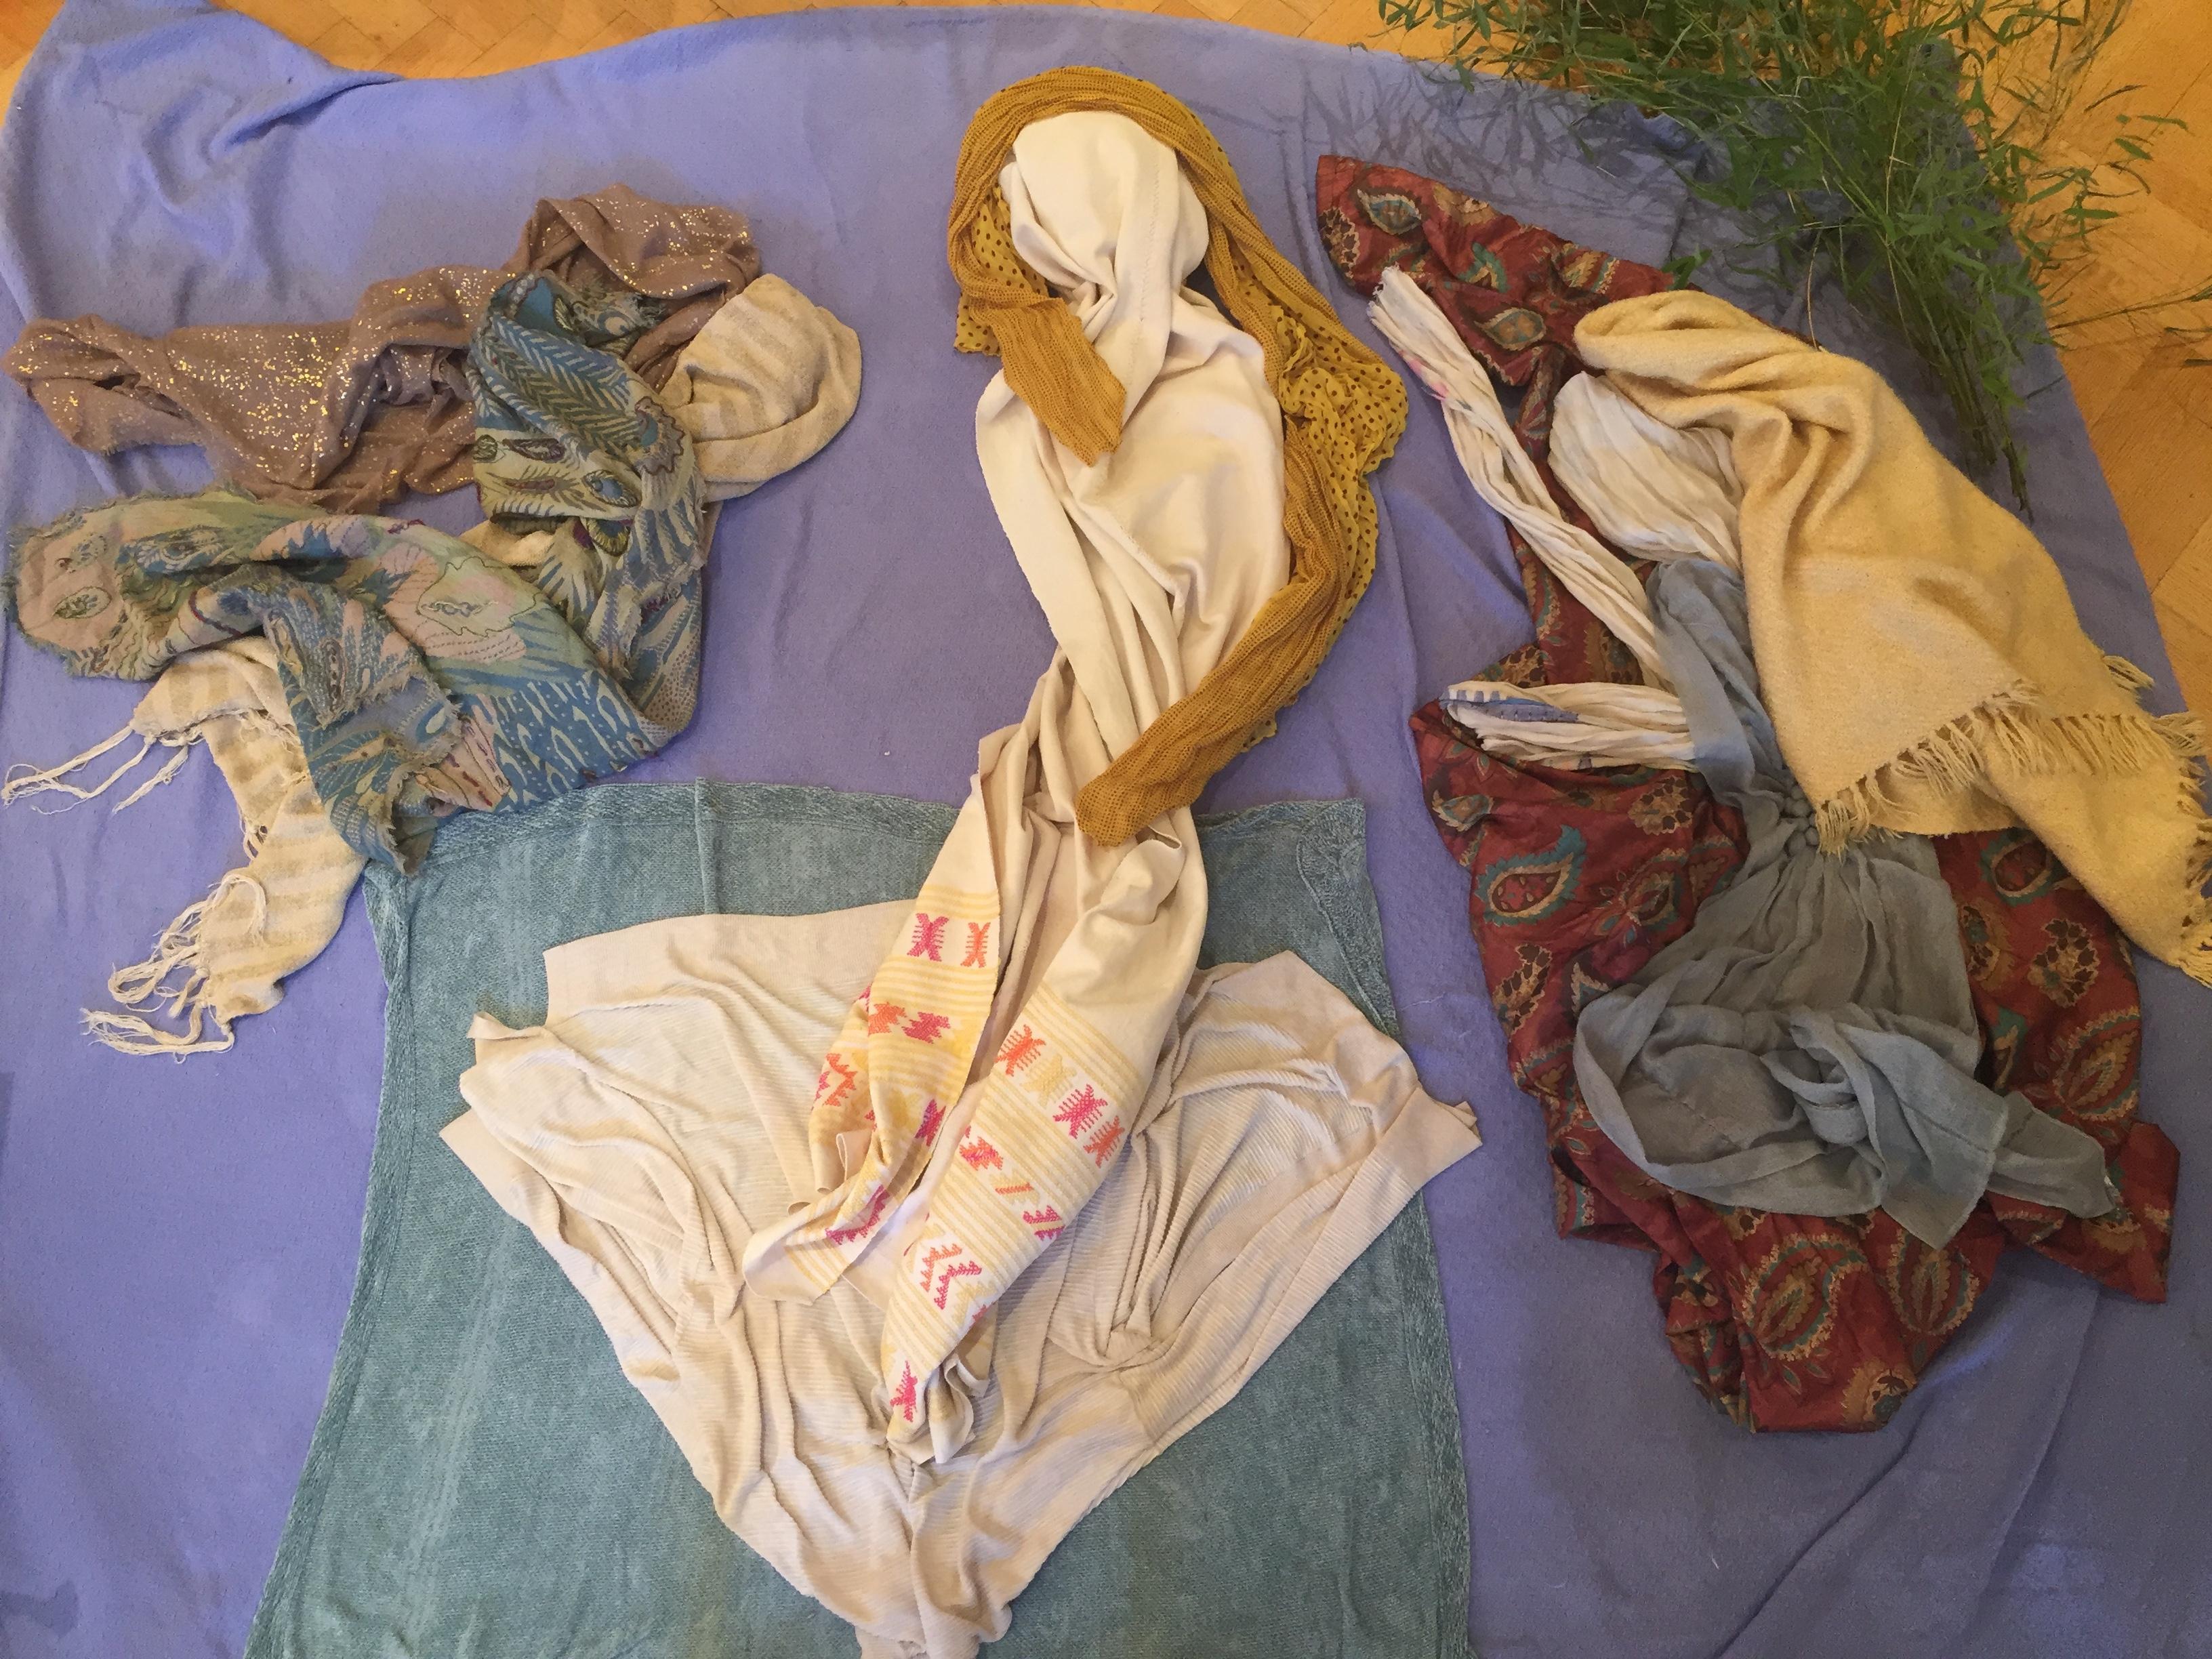 Botticelli's Venus remake